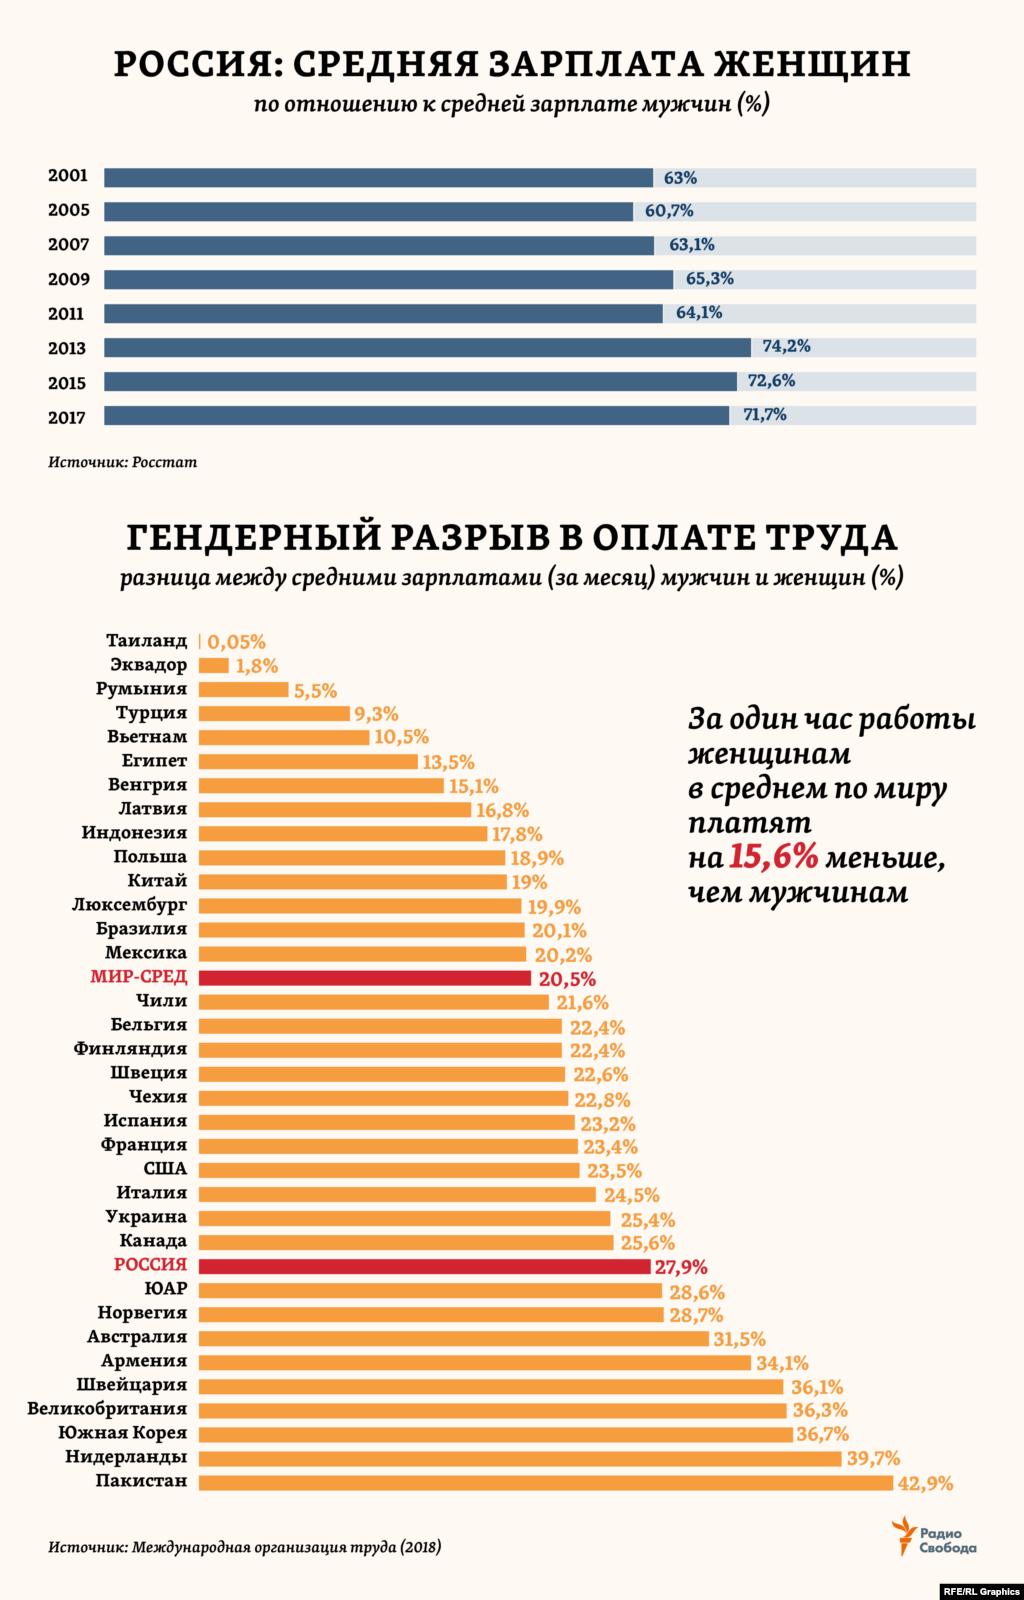 Самую низкую оценку в рейтинге 187 стран «Женщины, работа, законодательство - 2019» от Всемирного банка (ВБ) Россия получила в части оплаты труда женщин – по сравнению с мужчинами. На том же уровне оказалась «зарплатная» оценка от ВБ и для таких стран как, например, Китай, Киргизия, Мавритания, Южная Корея, Казахстан, Эфиопия или Папуа-Новая Гвинея. В России разница в средних зарплатах мужчин и женщин, сокращавшаяся с начала века, в последние несколько лет вновь стала увеличиваться. «Зарплата женщин в РФ составляет 70% от средней заработной платы мужчин», – подтвердила вице-премьер России Ольга Голодец в начале марта 2019 года